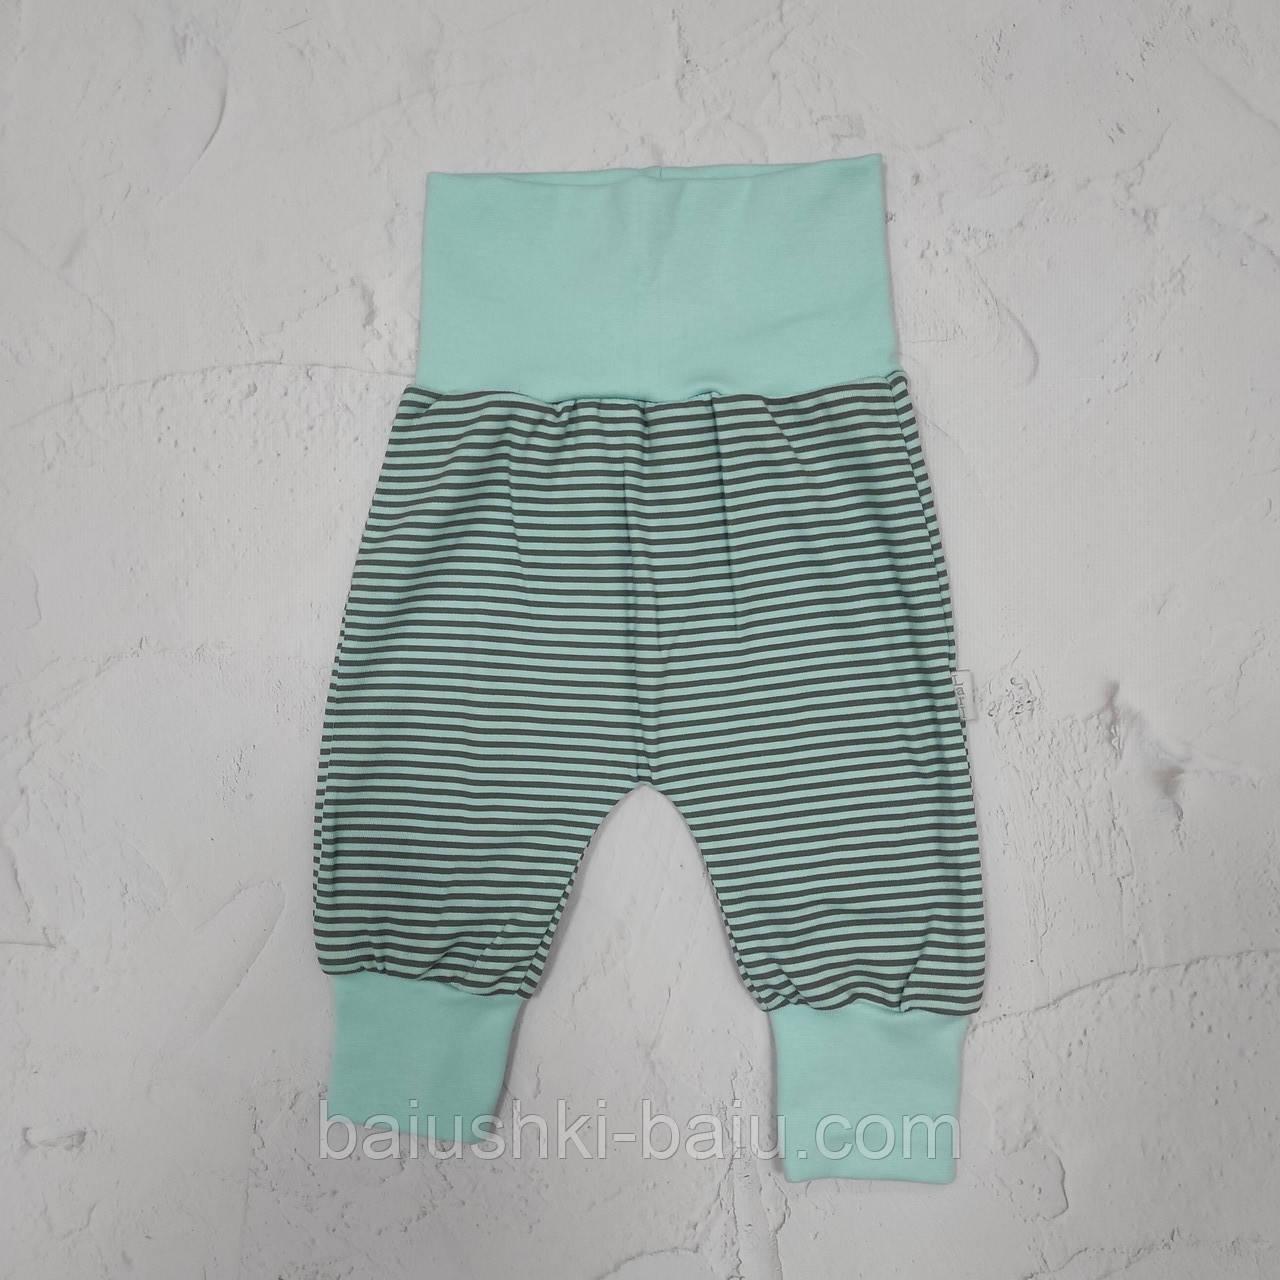 Ползуны штаны для новорожденного в роддом (интерлок)